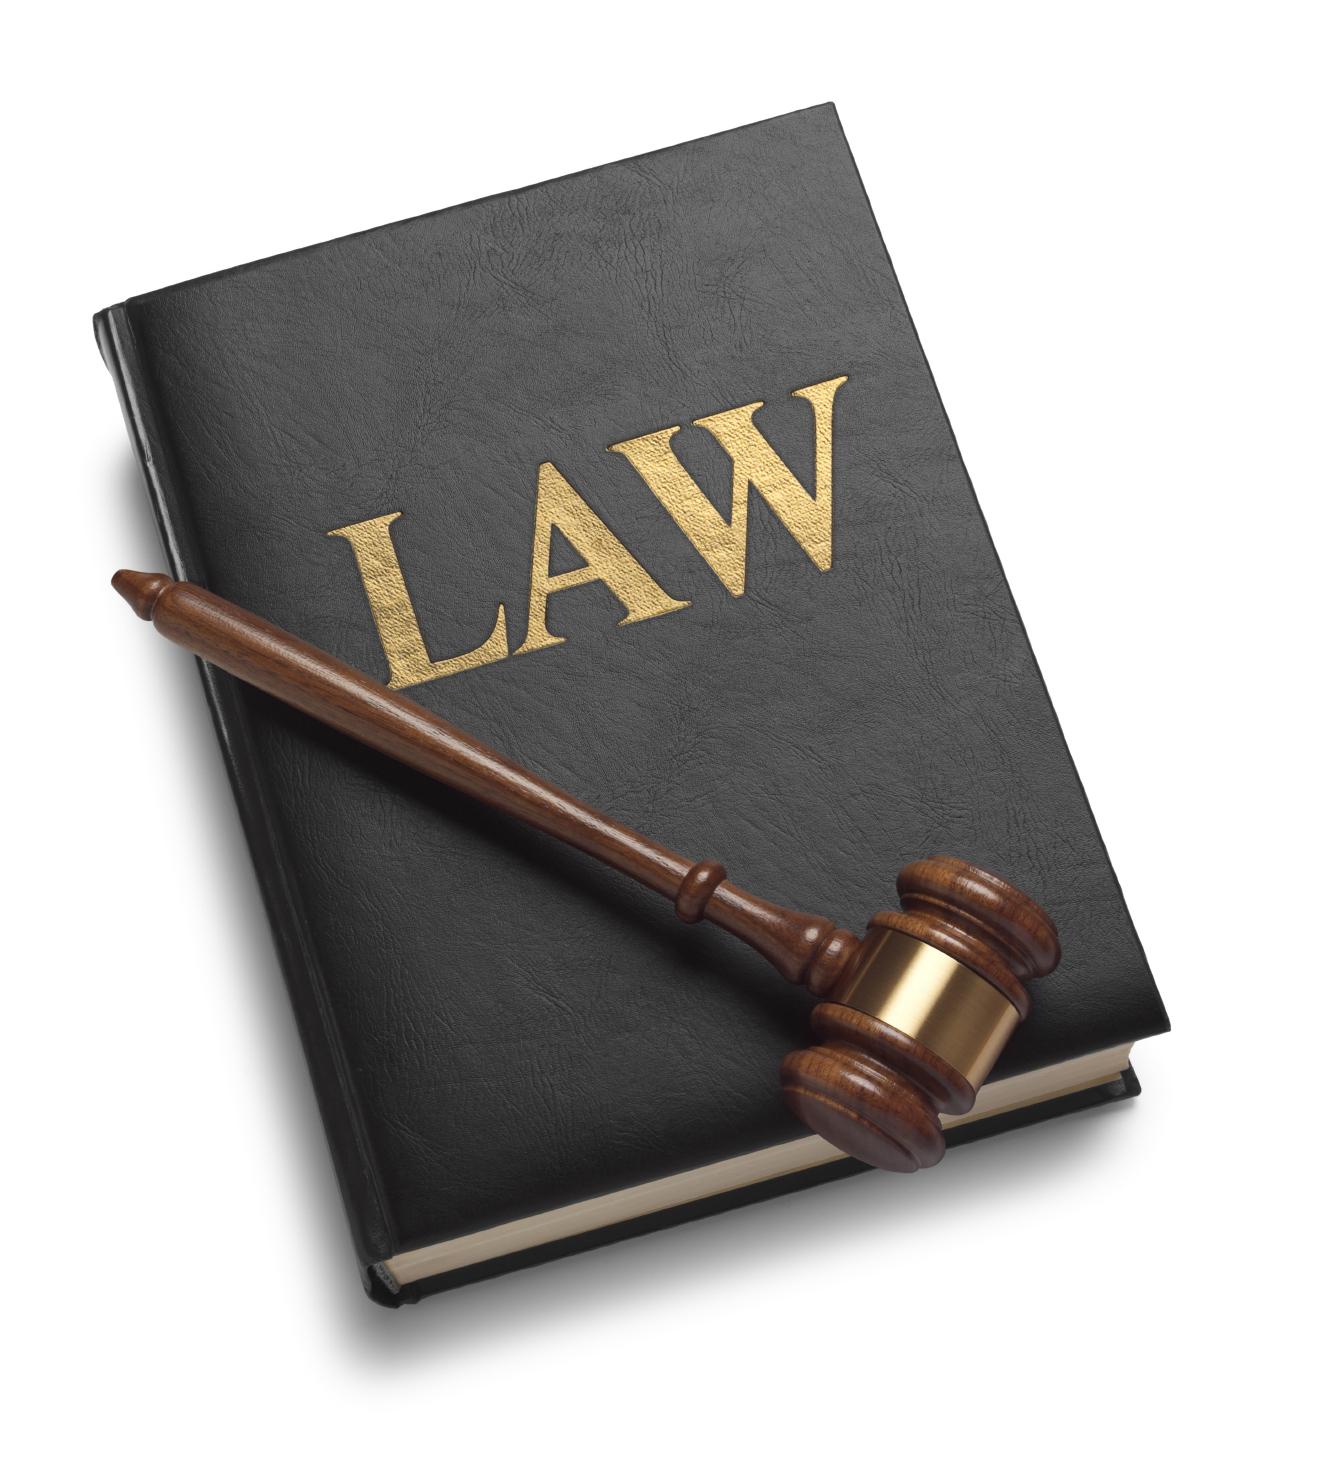 Hỏi tư vấn về điều kiện cấp giấy chứng nhận QSD đất?